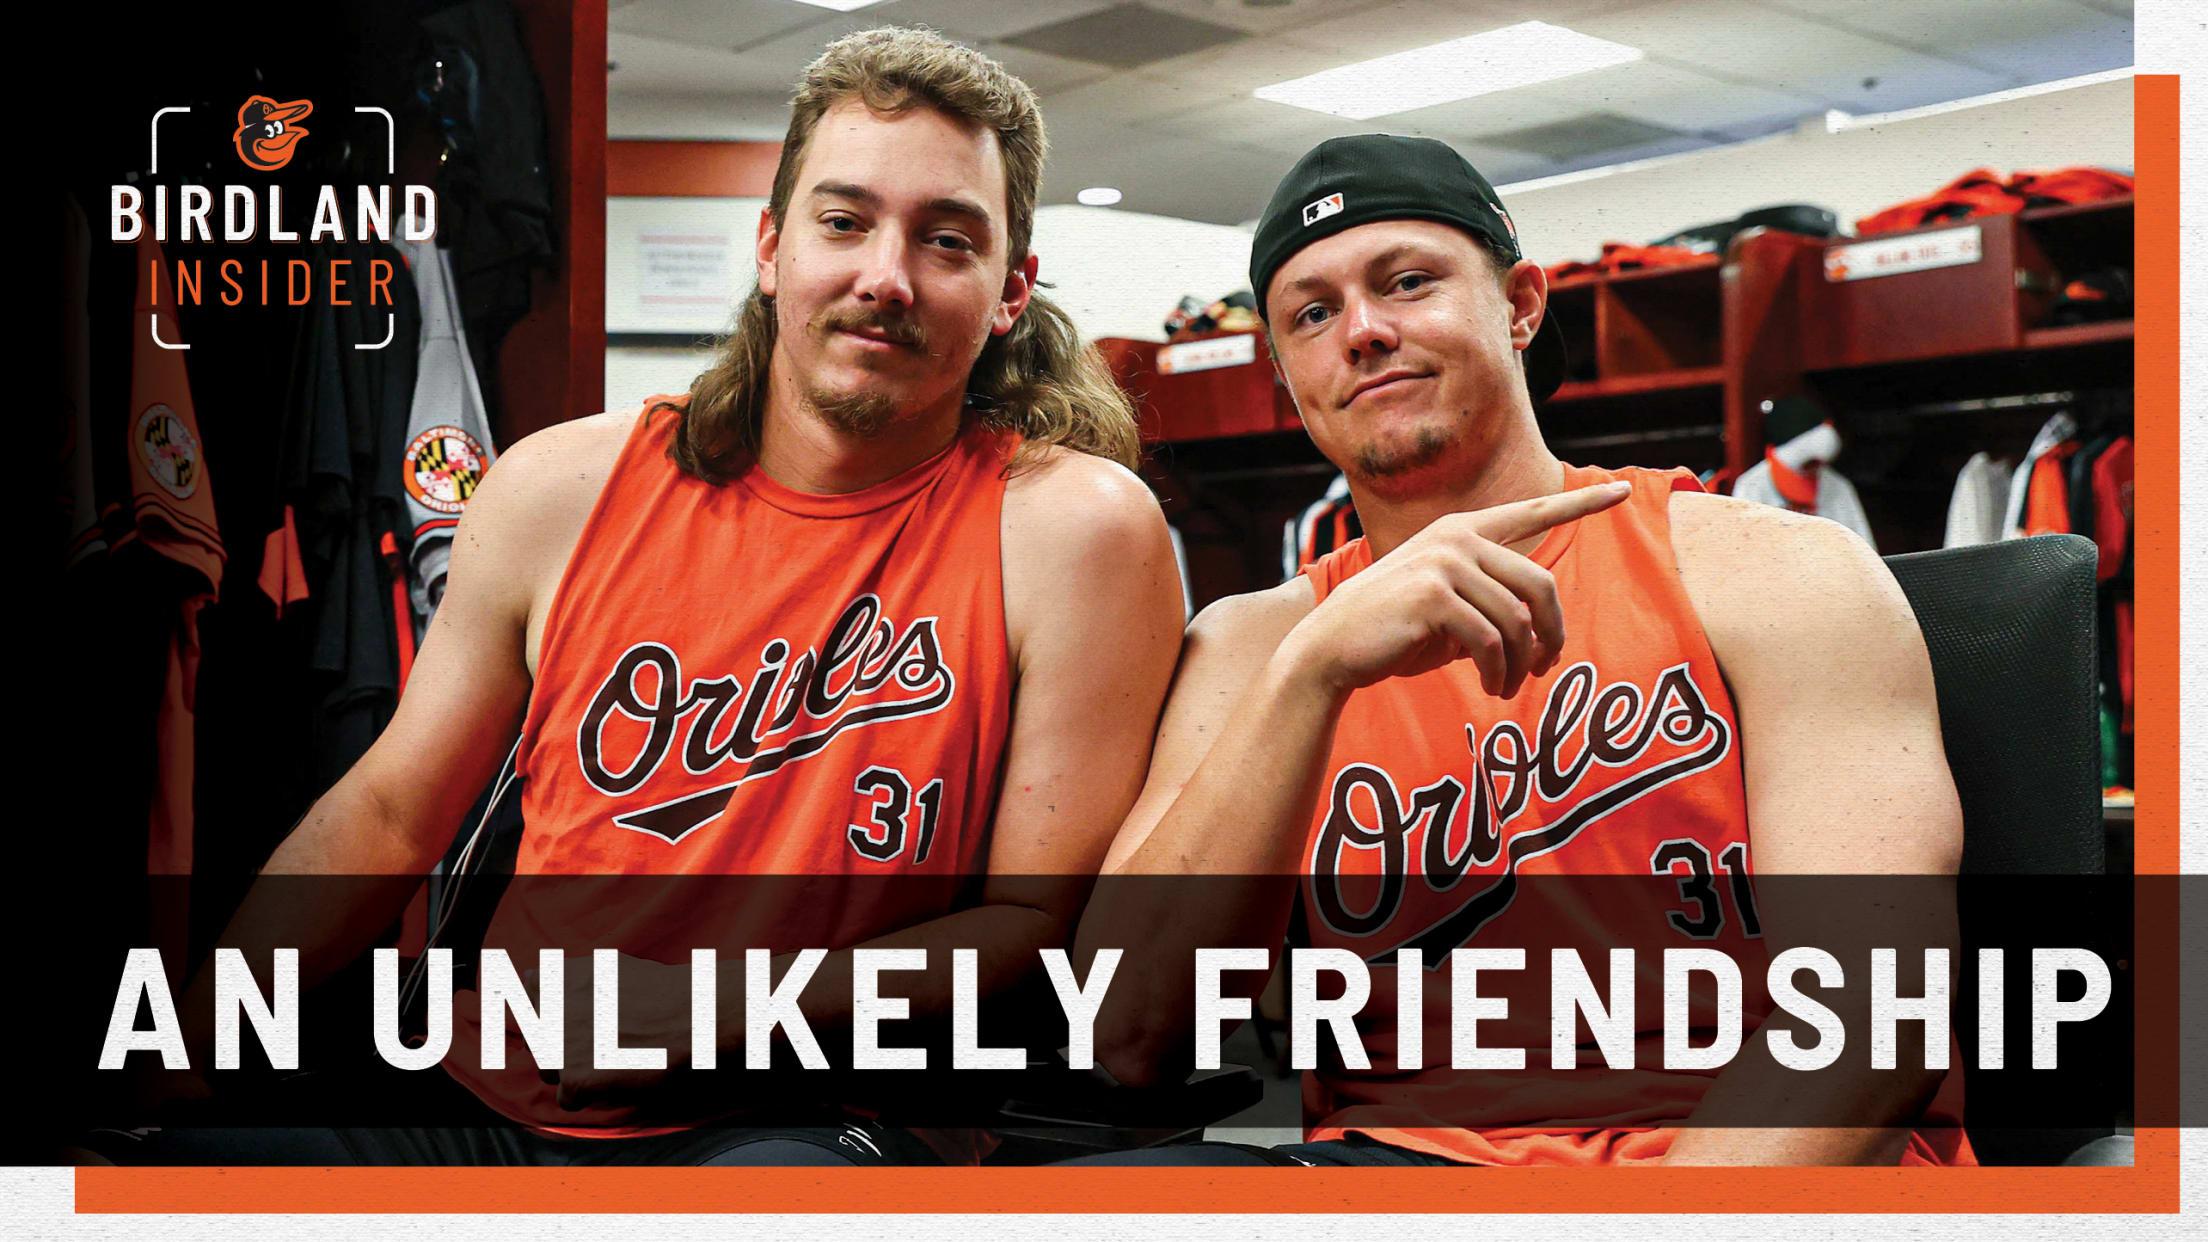 bal-an-unlikely-friendship-header